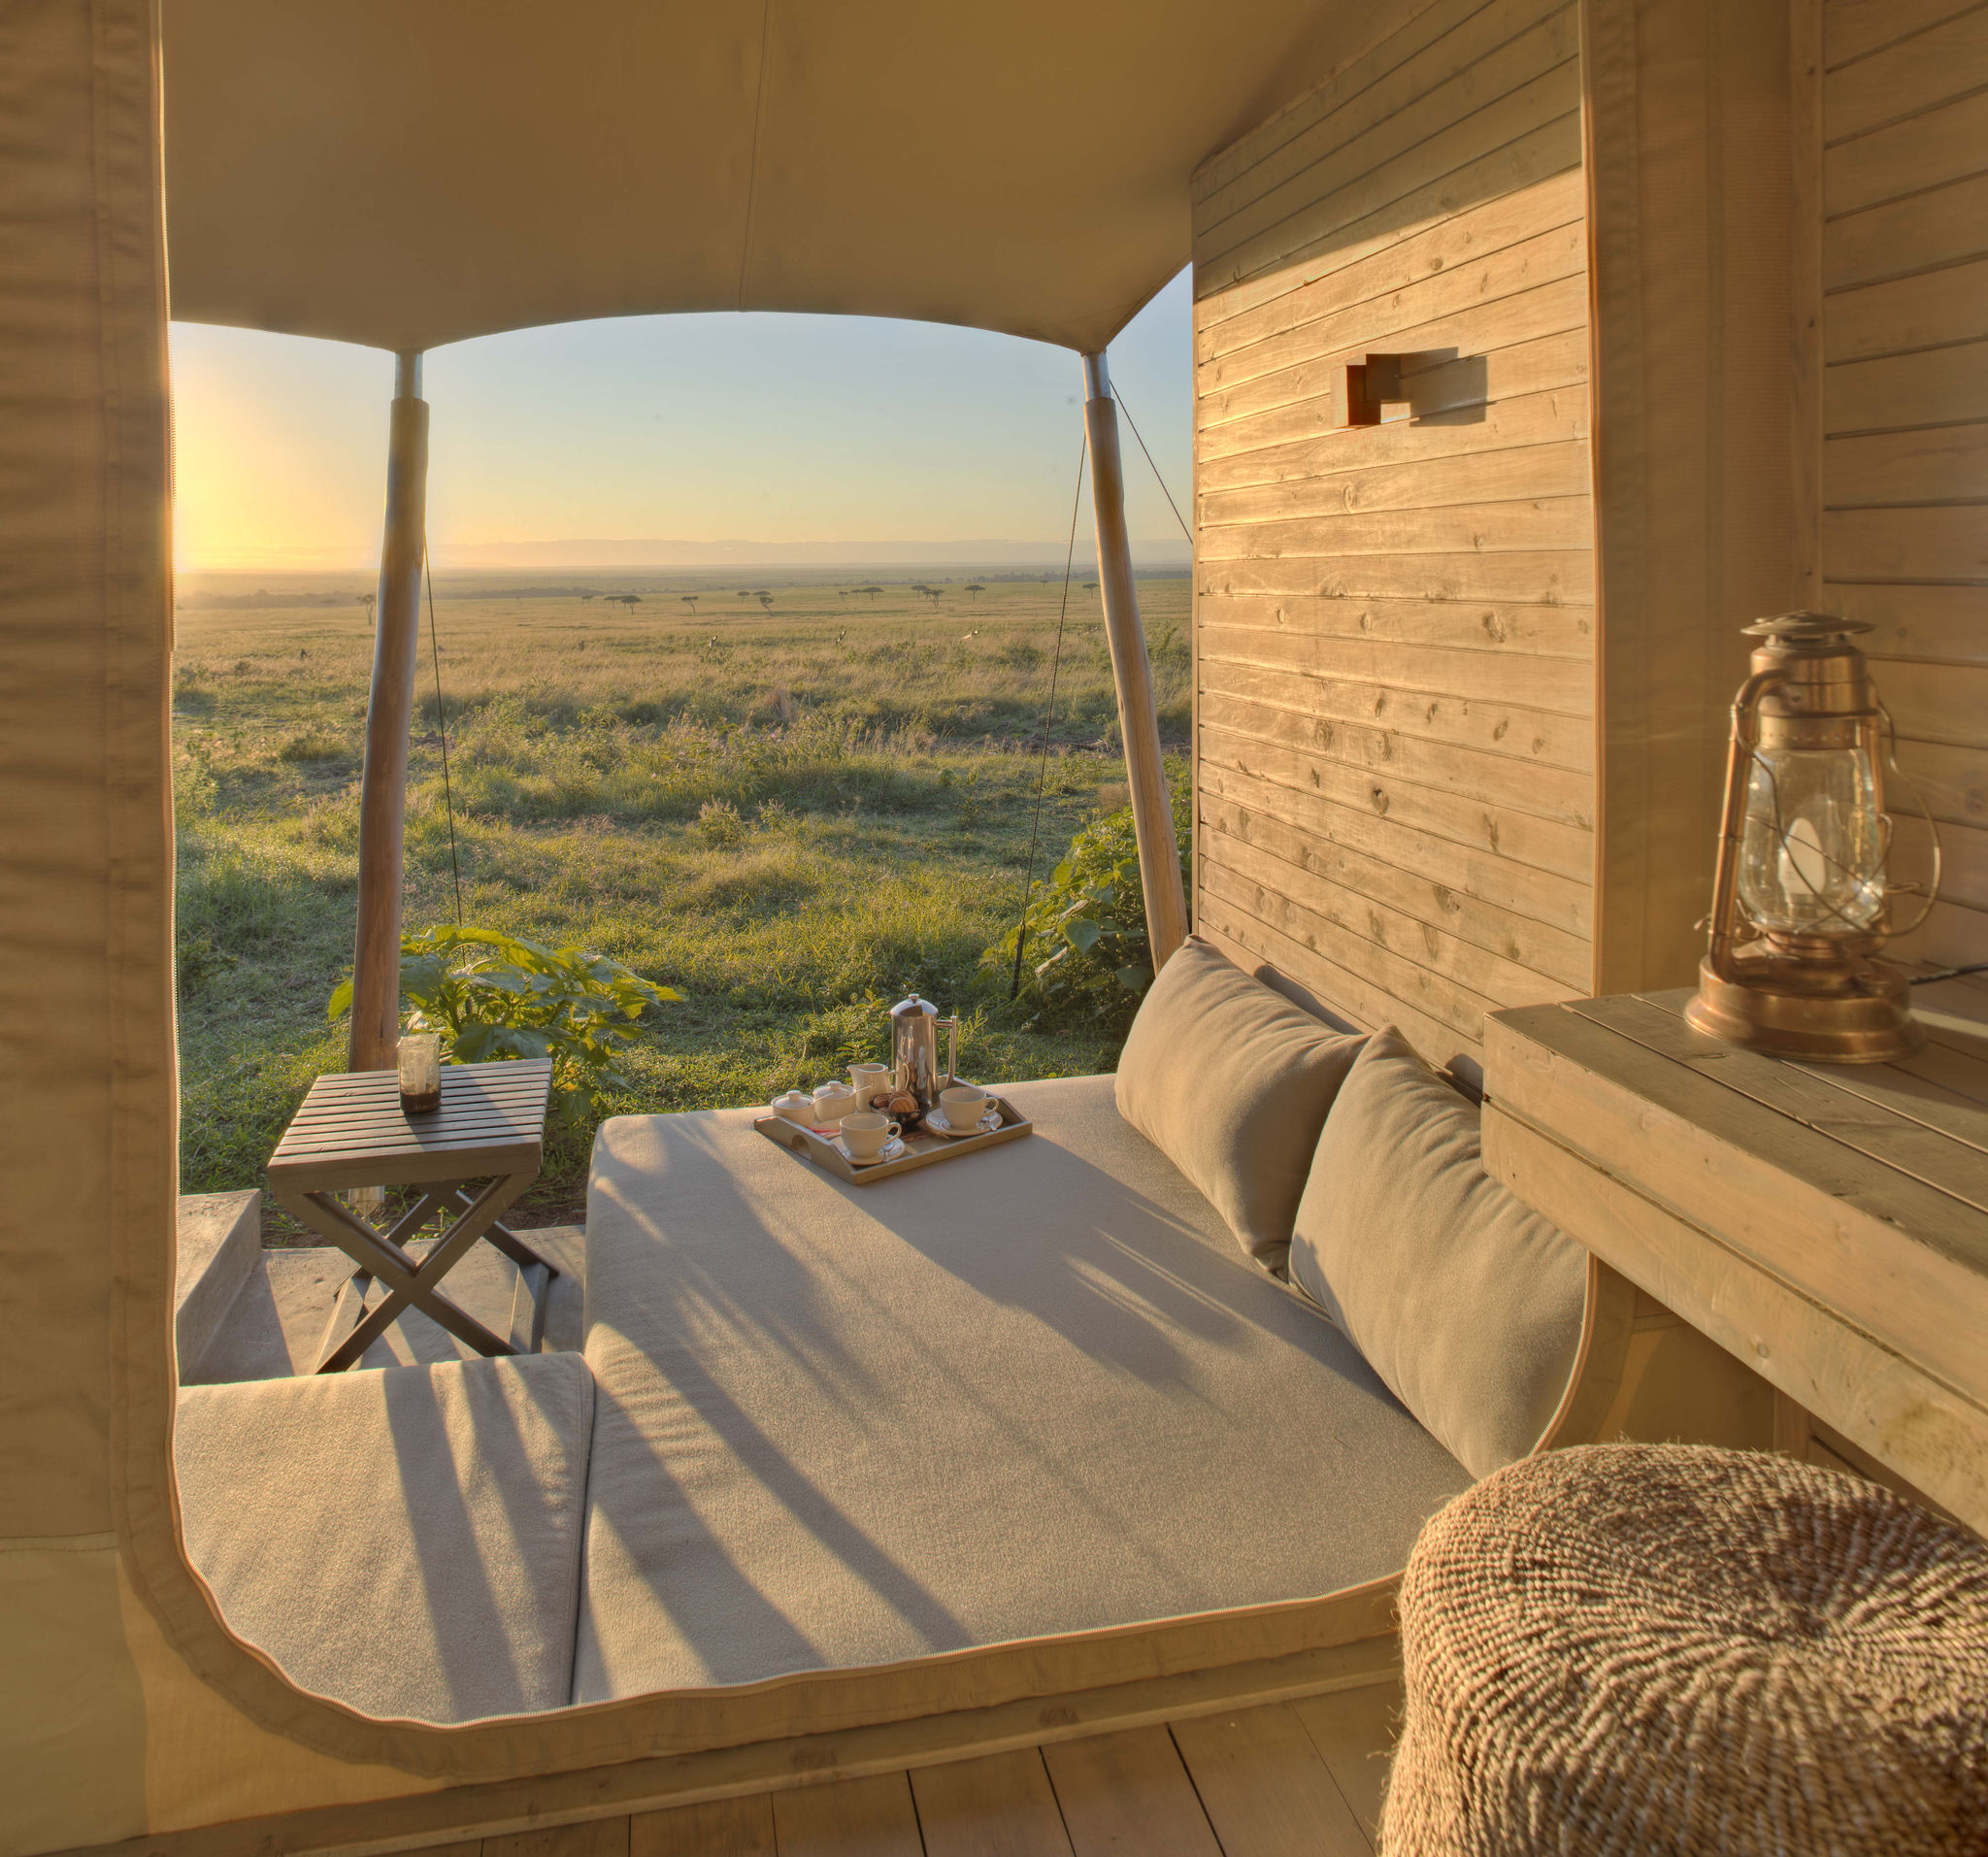 Vista desde una lujosa carpa del amanecer sobre la sabana.